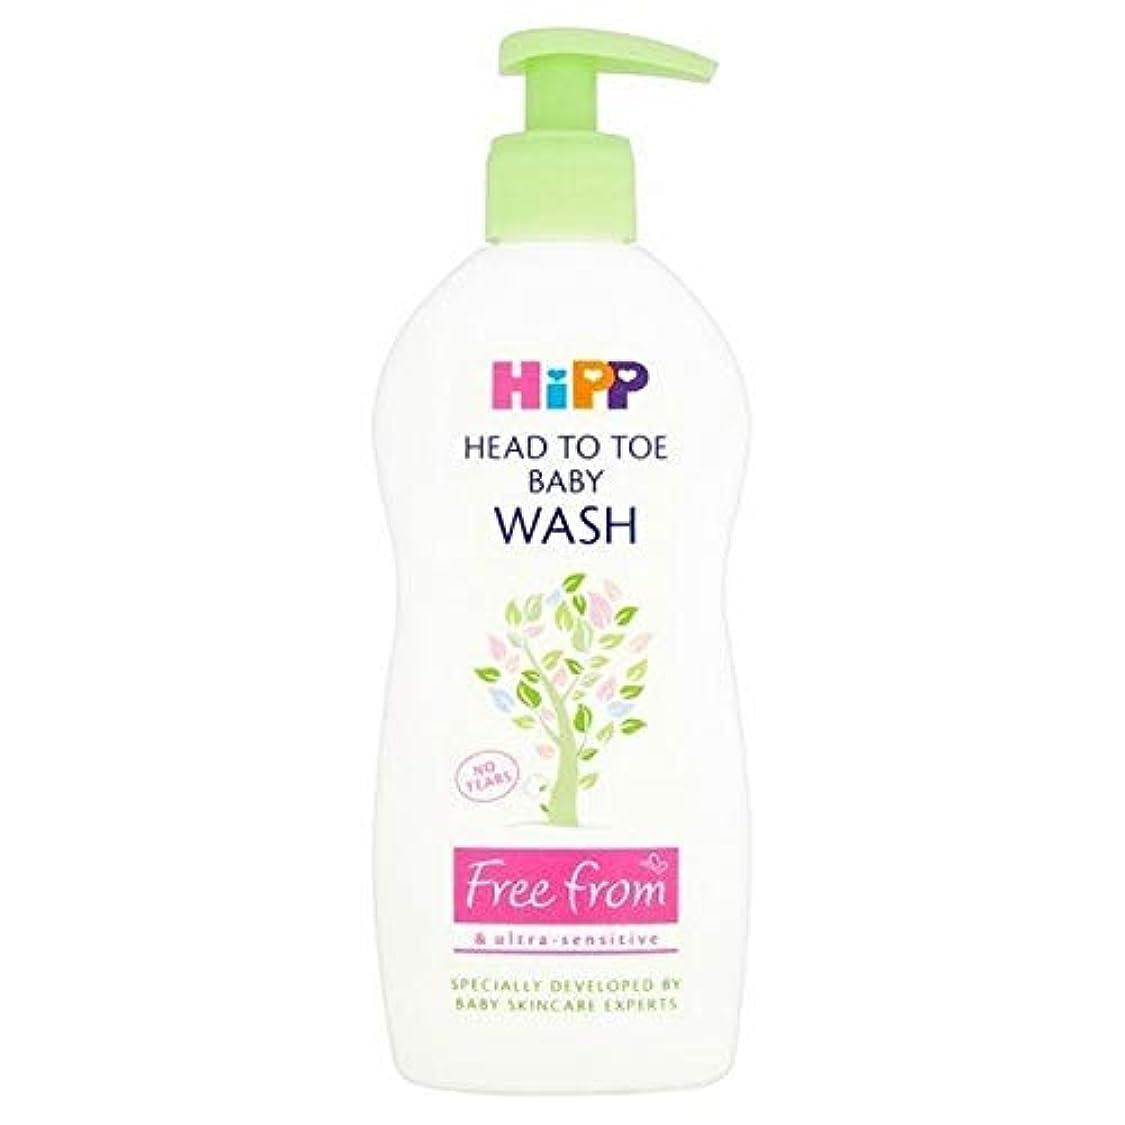 ちっちゃい中にルーフ[Hipp ] 頭からつま先洗浄400ミリリットルにヒップ無料 - HiPP Free From Head to Toe Wash 400ml [並行輸入品]